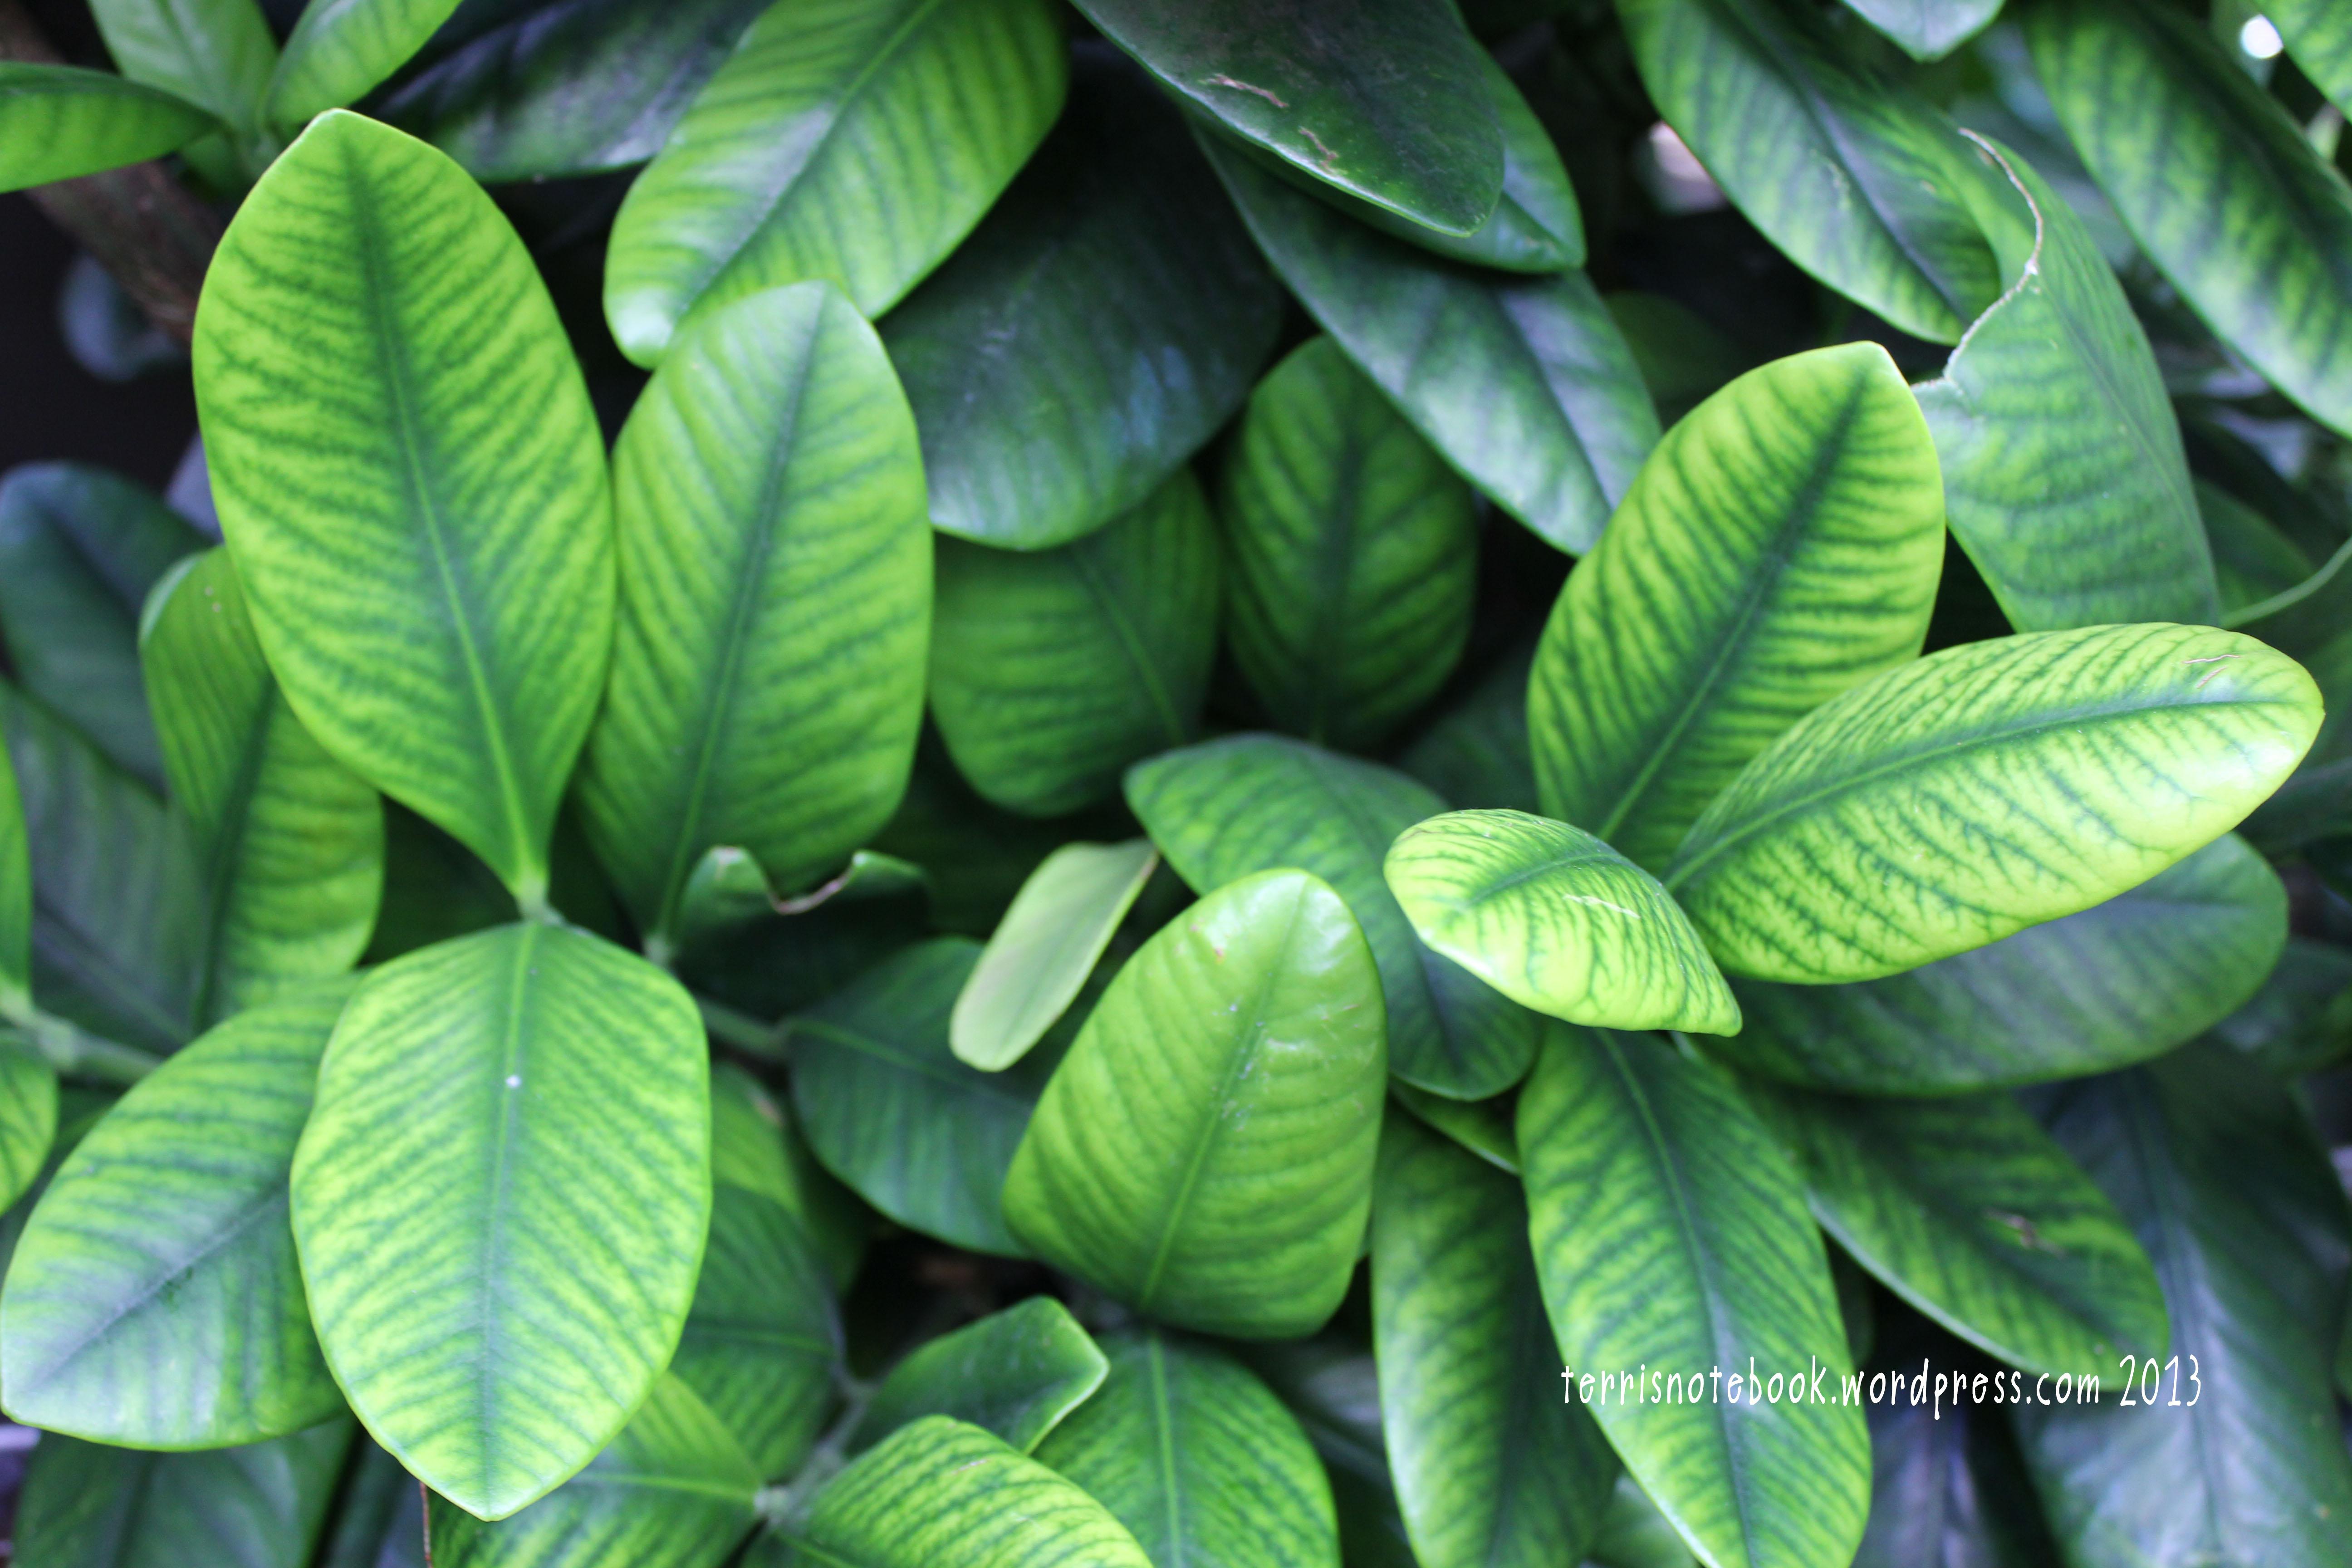 field trip botanical gardens in winter terri u0027s notebook